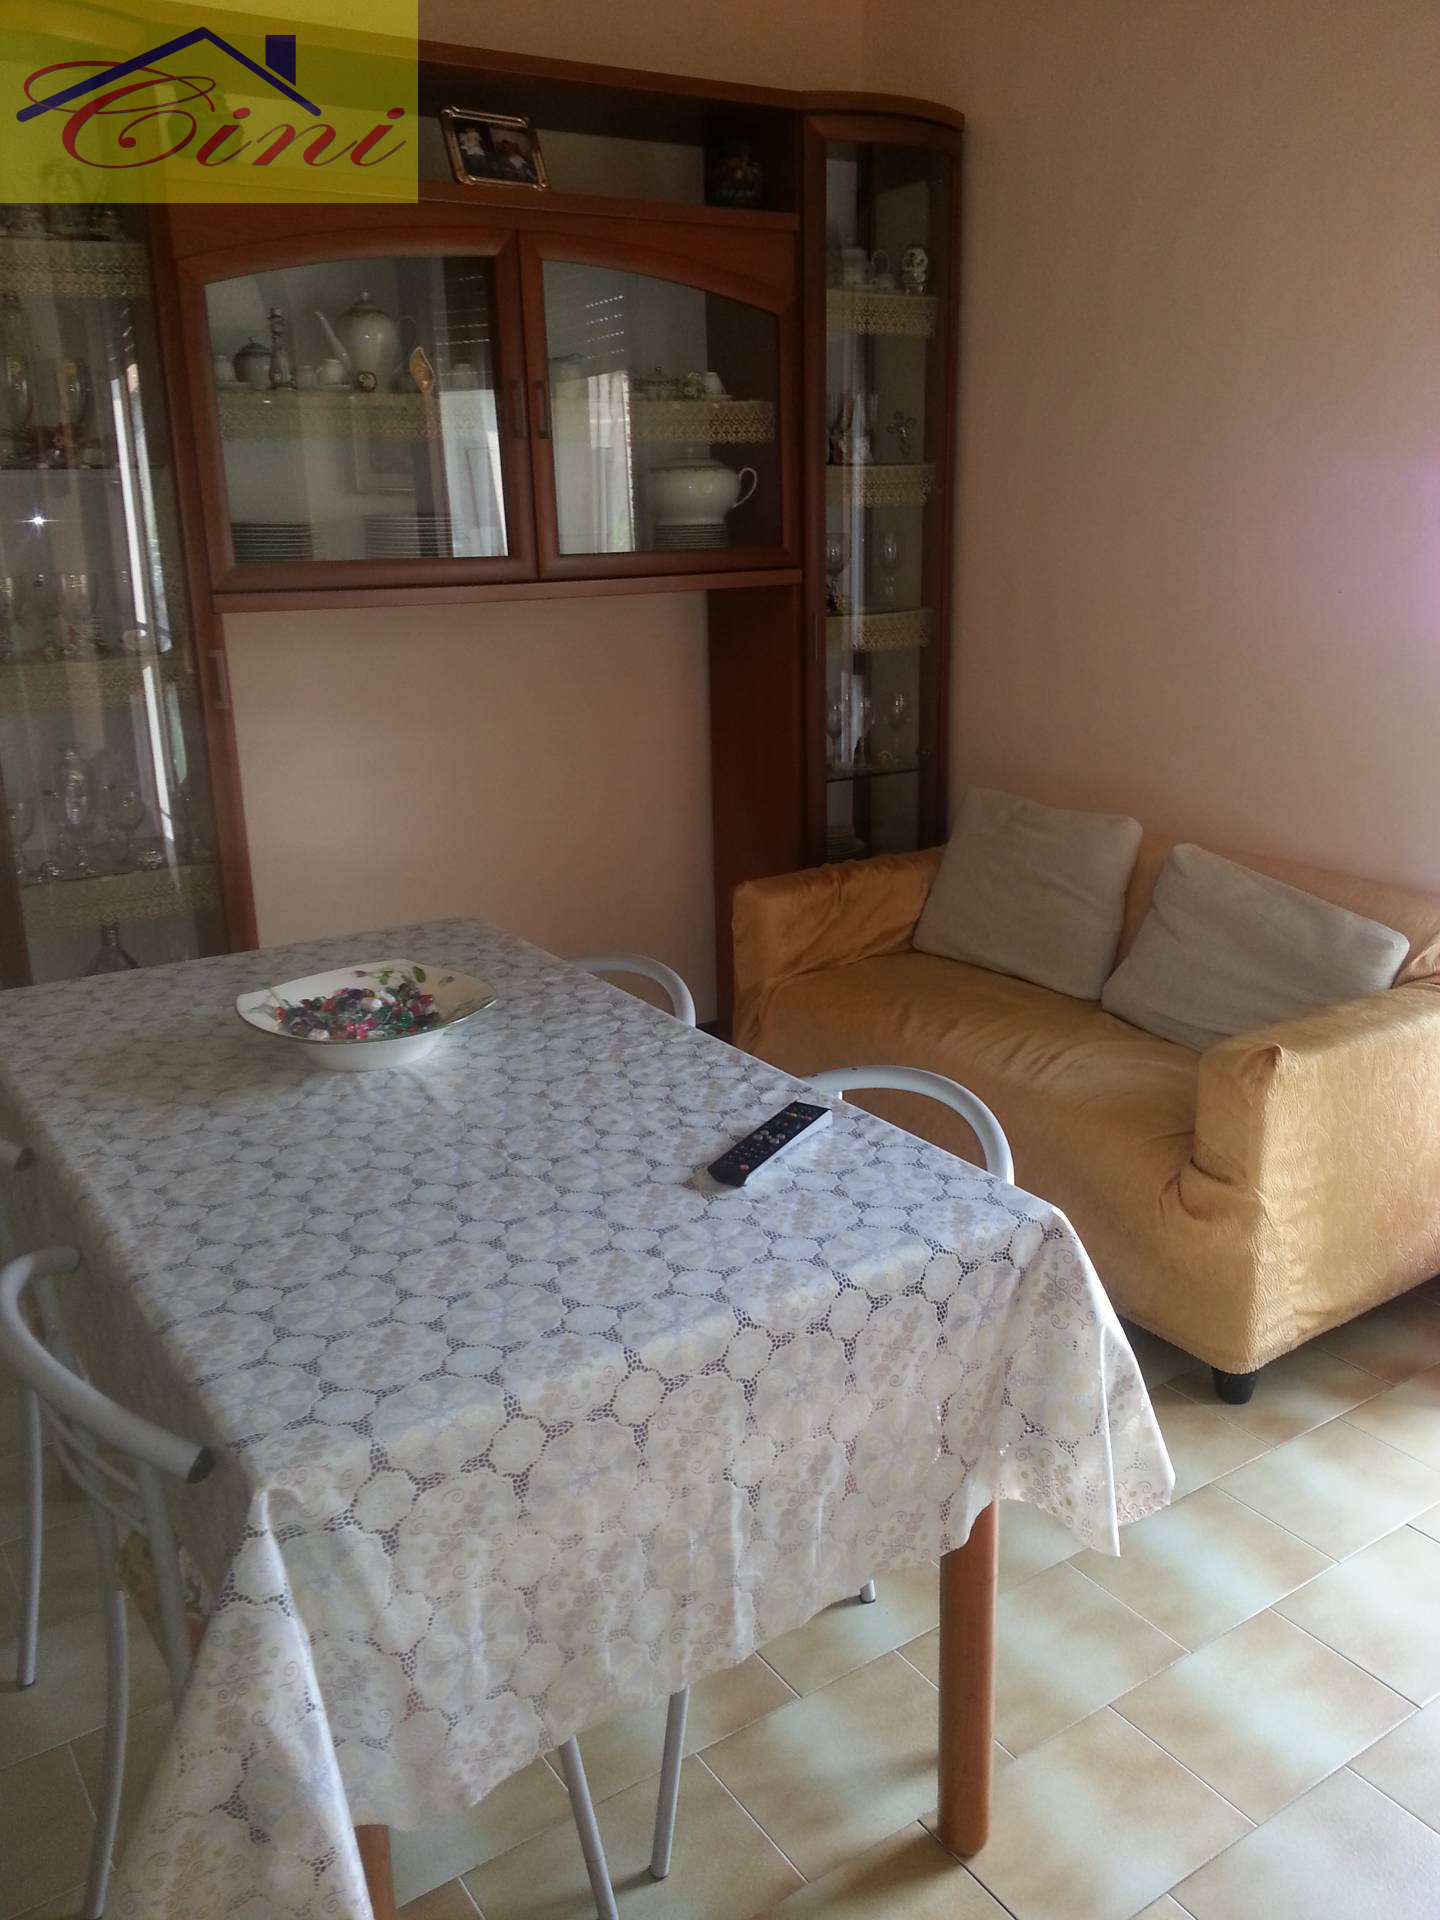 Appartamento in vendita a Calolziocorte, 3 locali, zona Località: Calolziocentro, prezzo € 110.000 | PortaleAgenzieImmobiliari.it